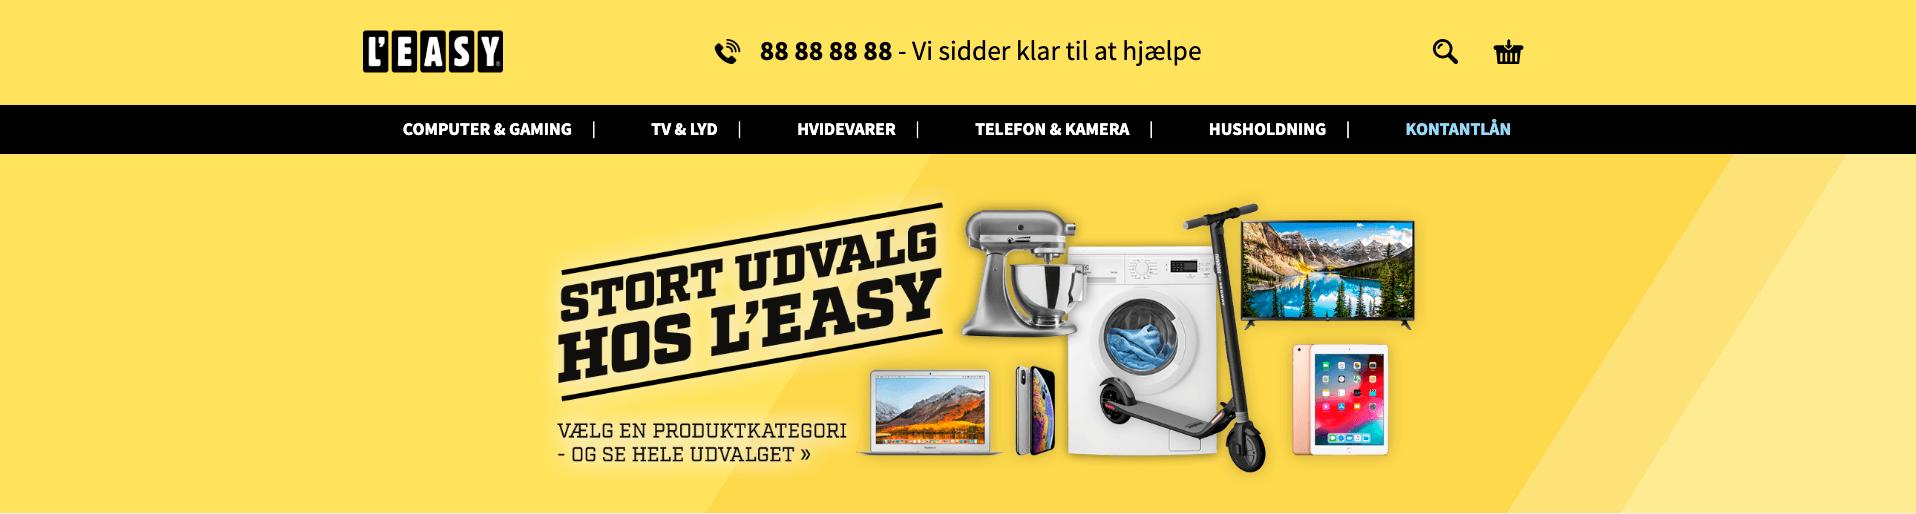 Leasy.dk forside